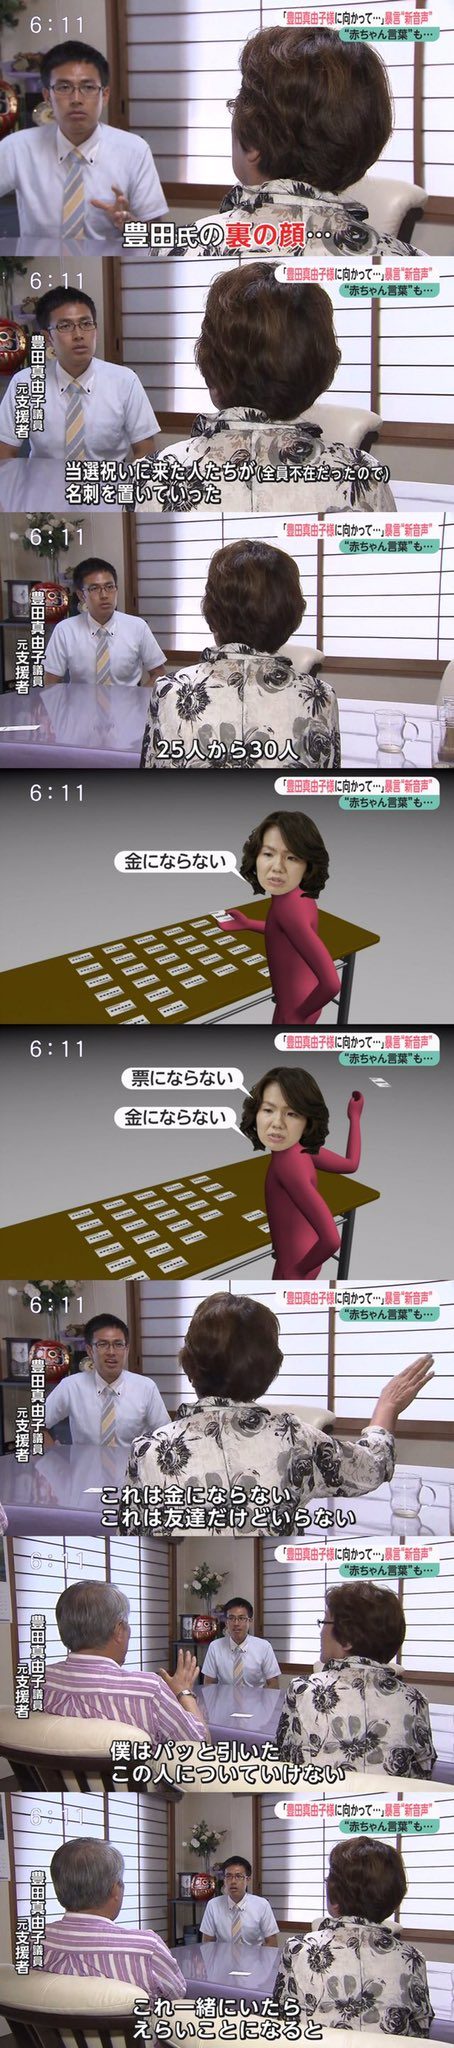 豊田真由子 支援者 選り好みに関連した画像-03